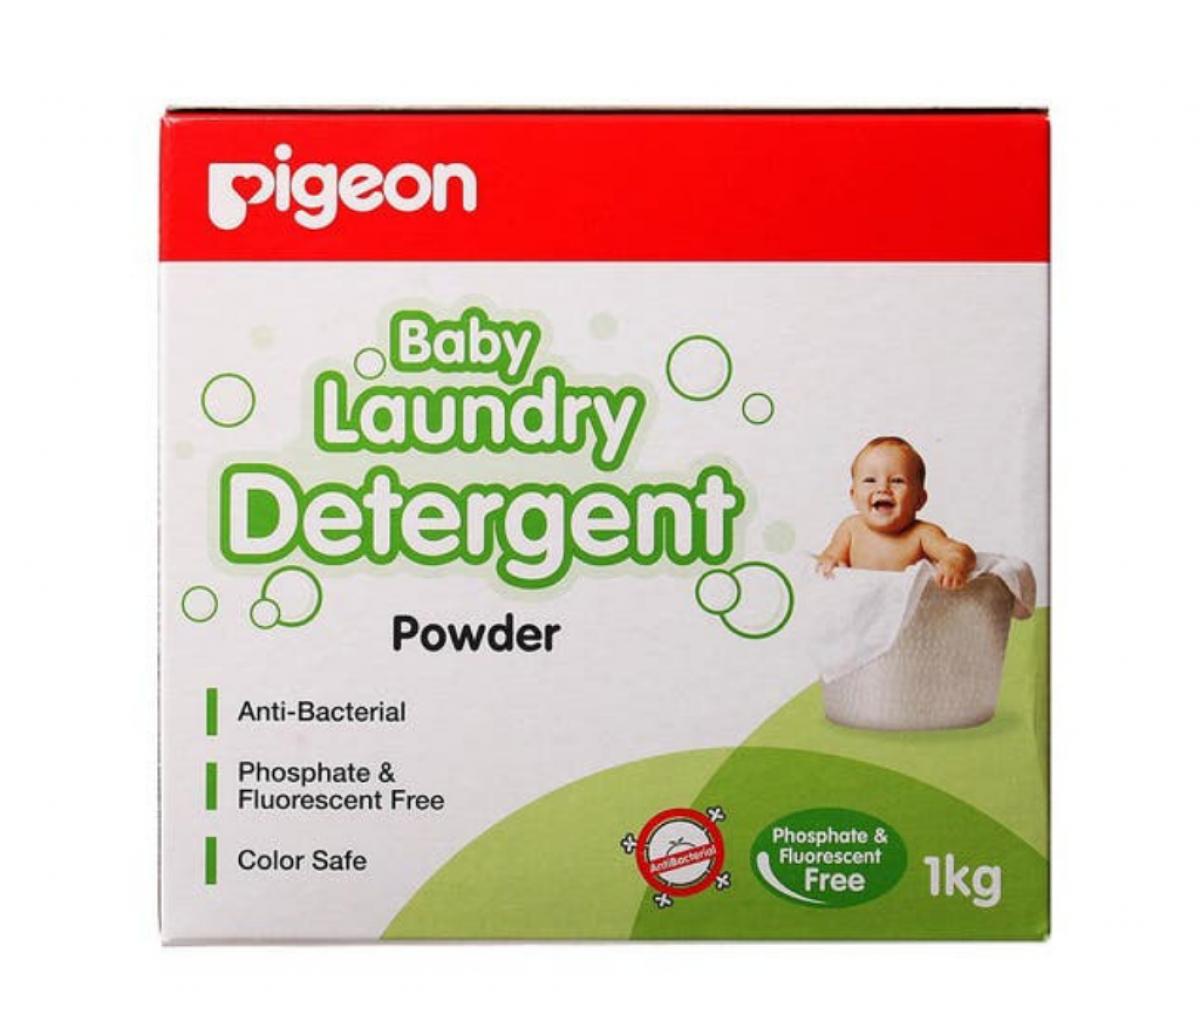 Baby Laundry Detergent Powder 1kg  [26220]